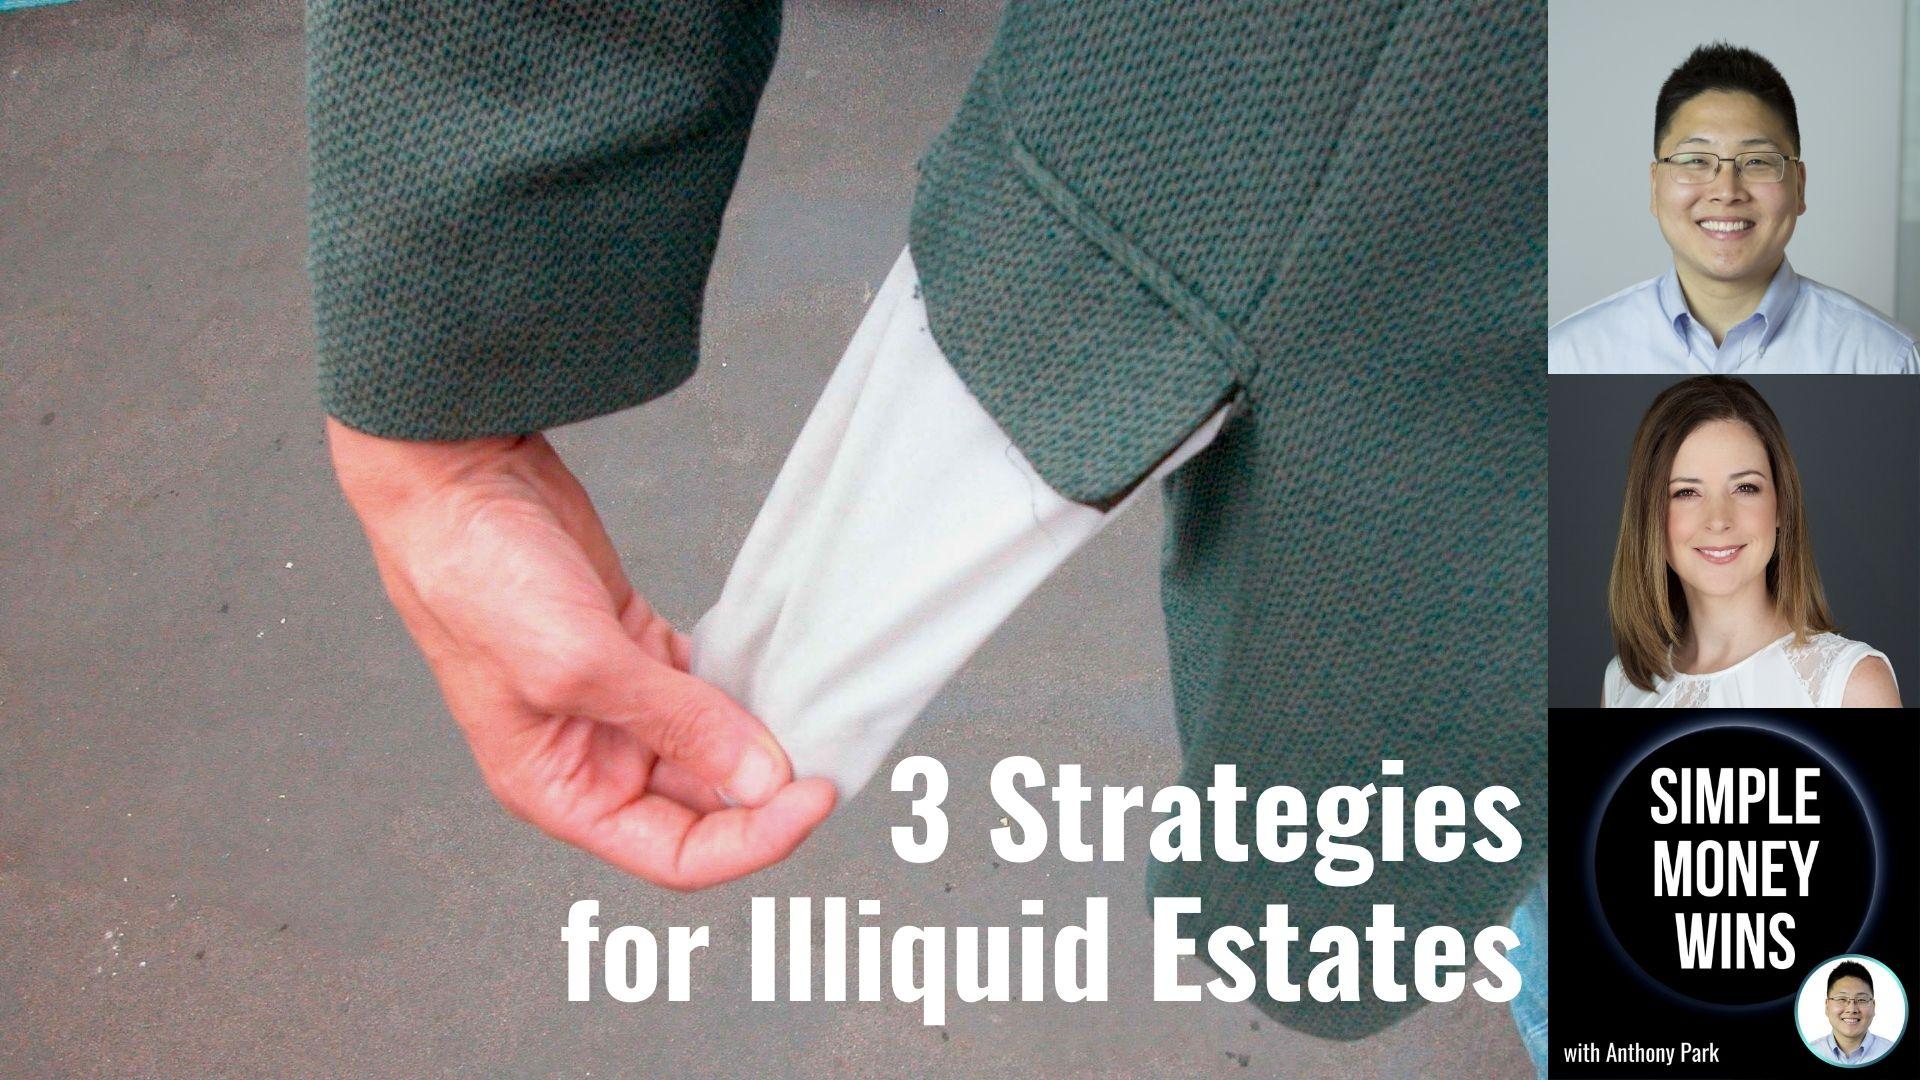 E226 3 Strategies for Illiquid Estates